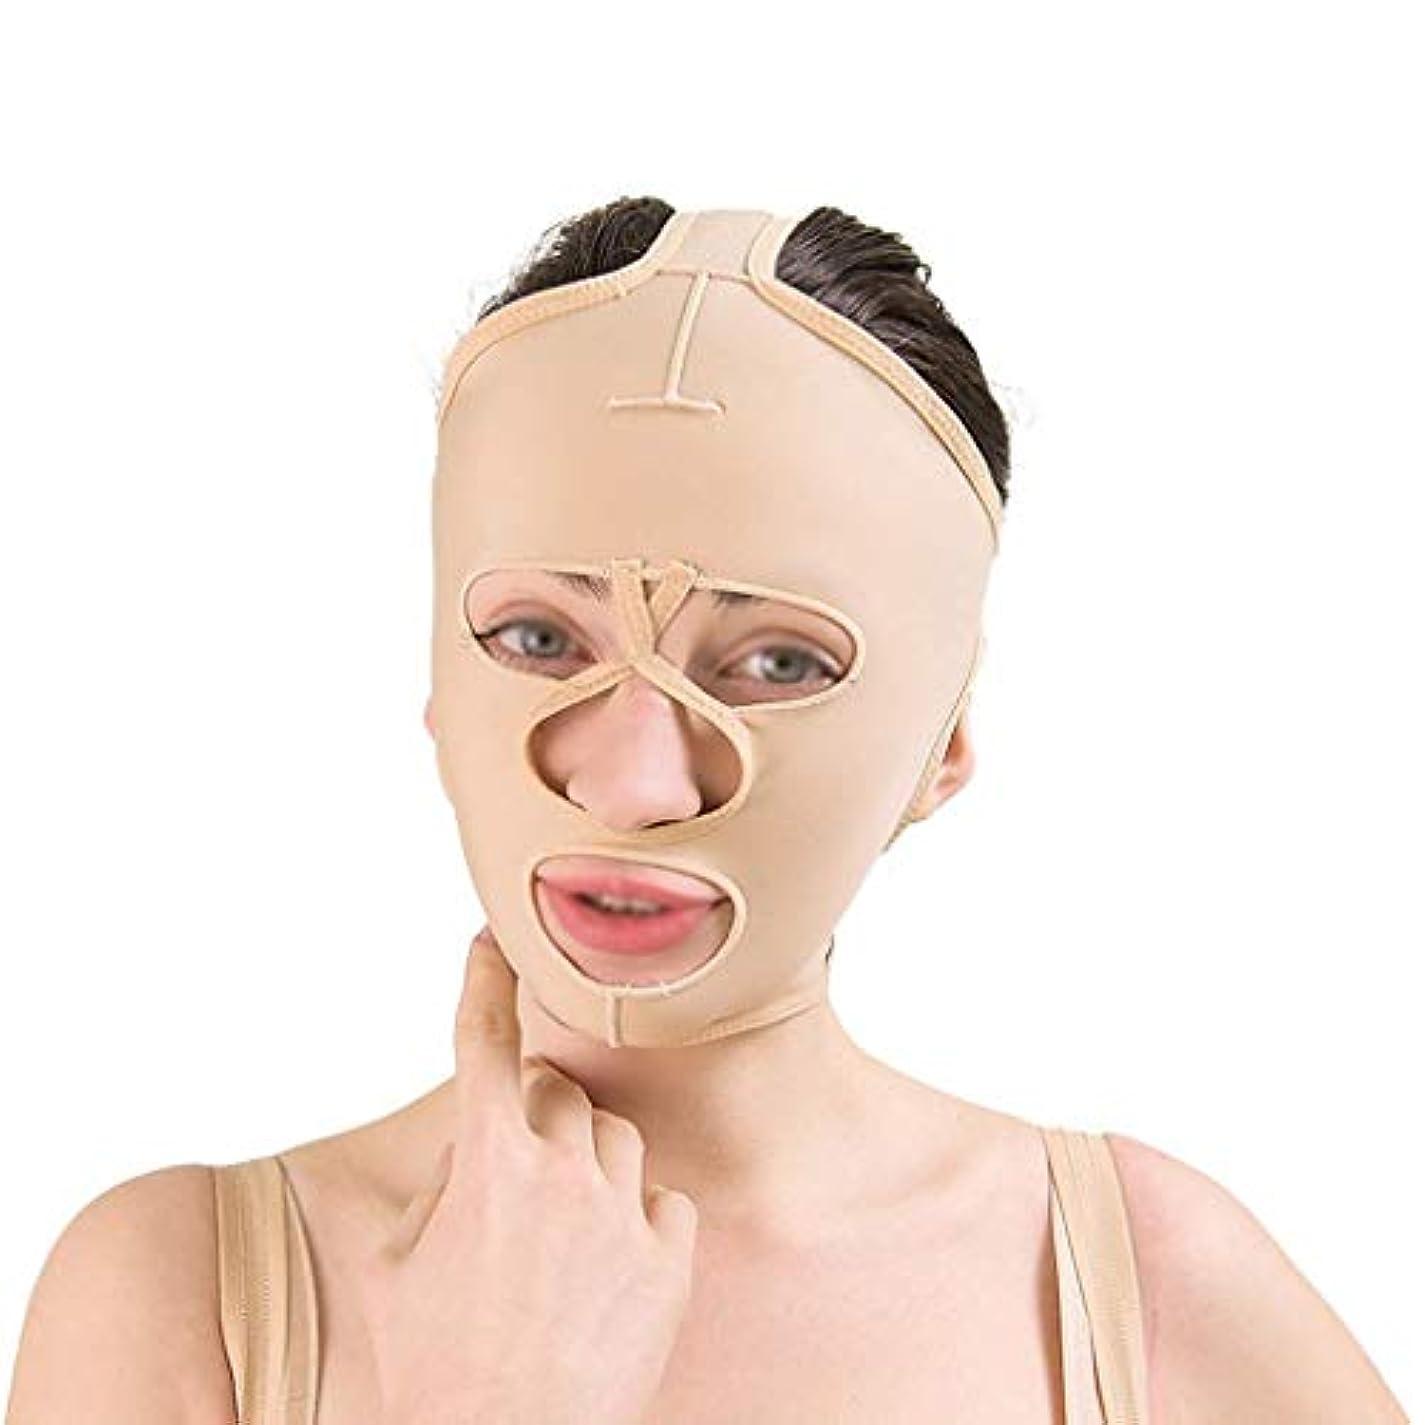 道ピック素晴らしいですフェイシャルリフティングツール、フェイシャルビューティーリフティングマスク、通気性引き締めリフティングフェイシャル包帯、フェイシャルタイトバンデージ(サイズ:L),XL